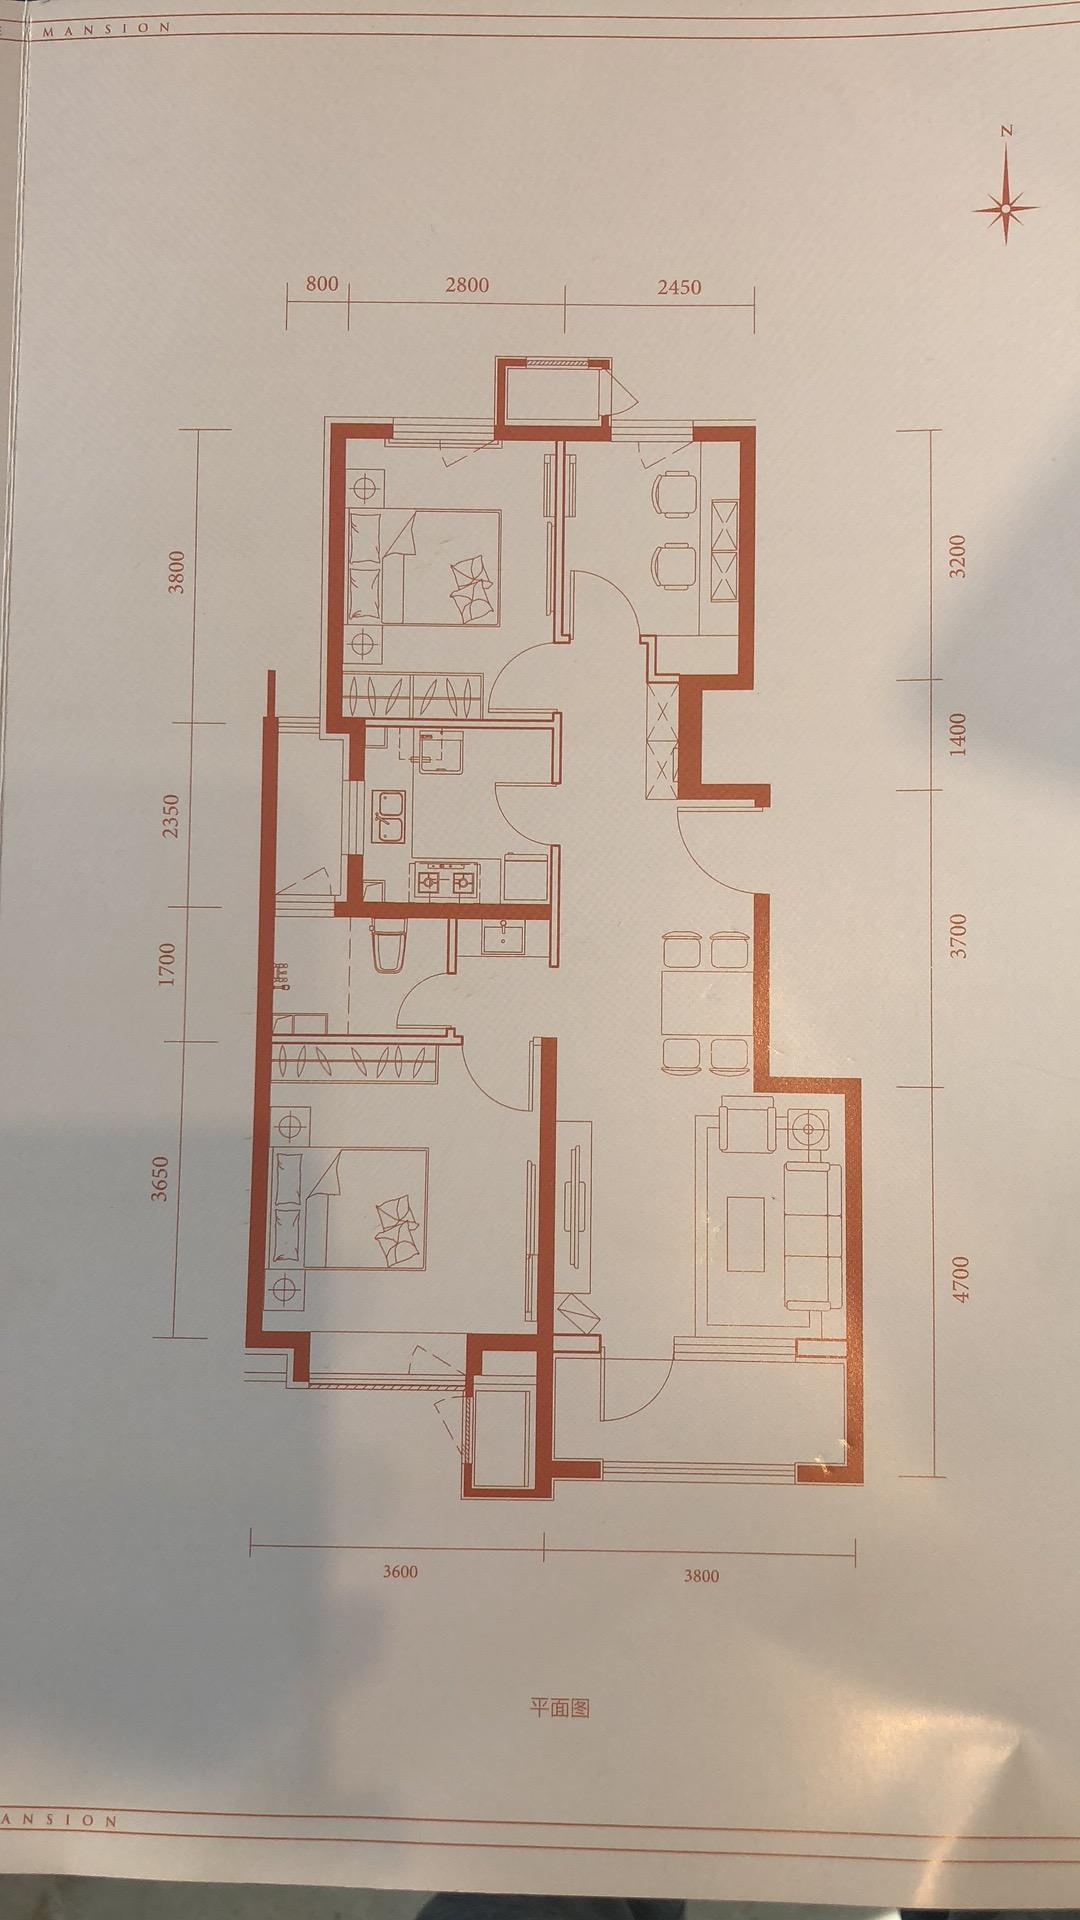 瑞悅府 朝陽限競房 限價6.6萬/㎡周邊9萬 新房低于二手房